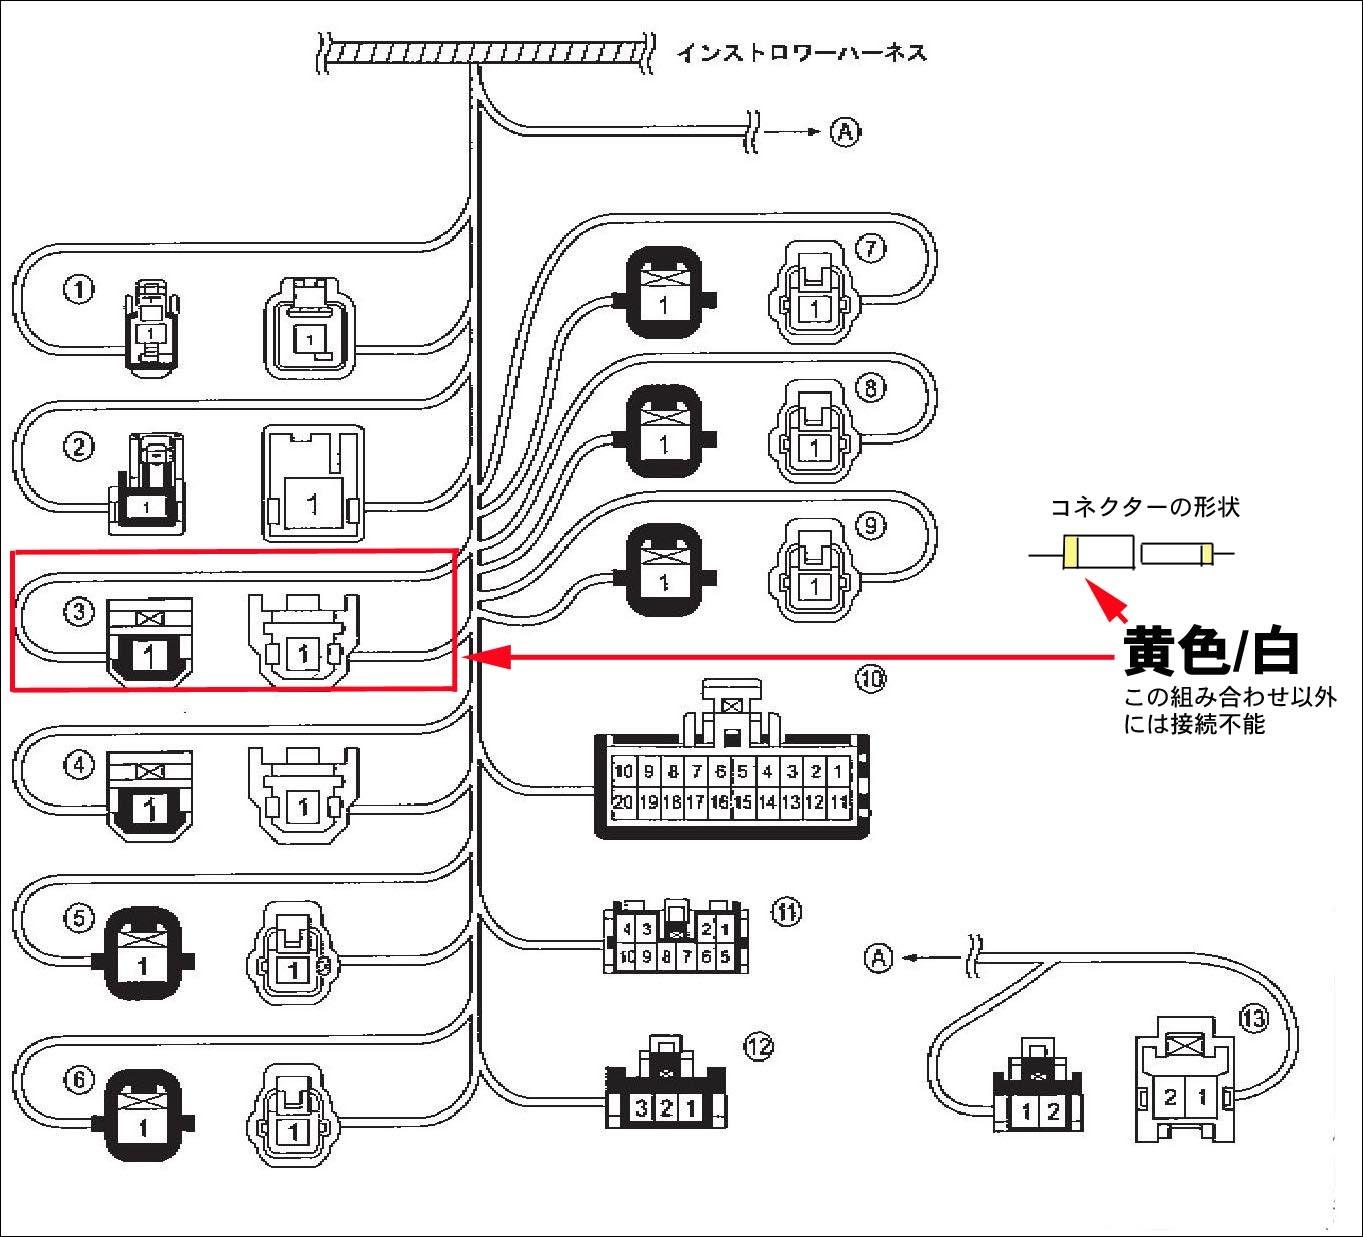 チェック配線コネクター図